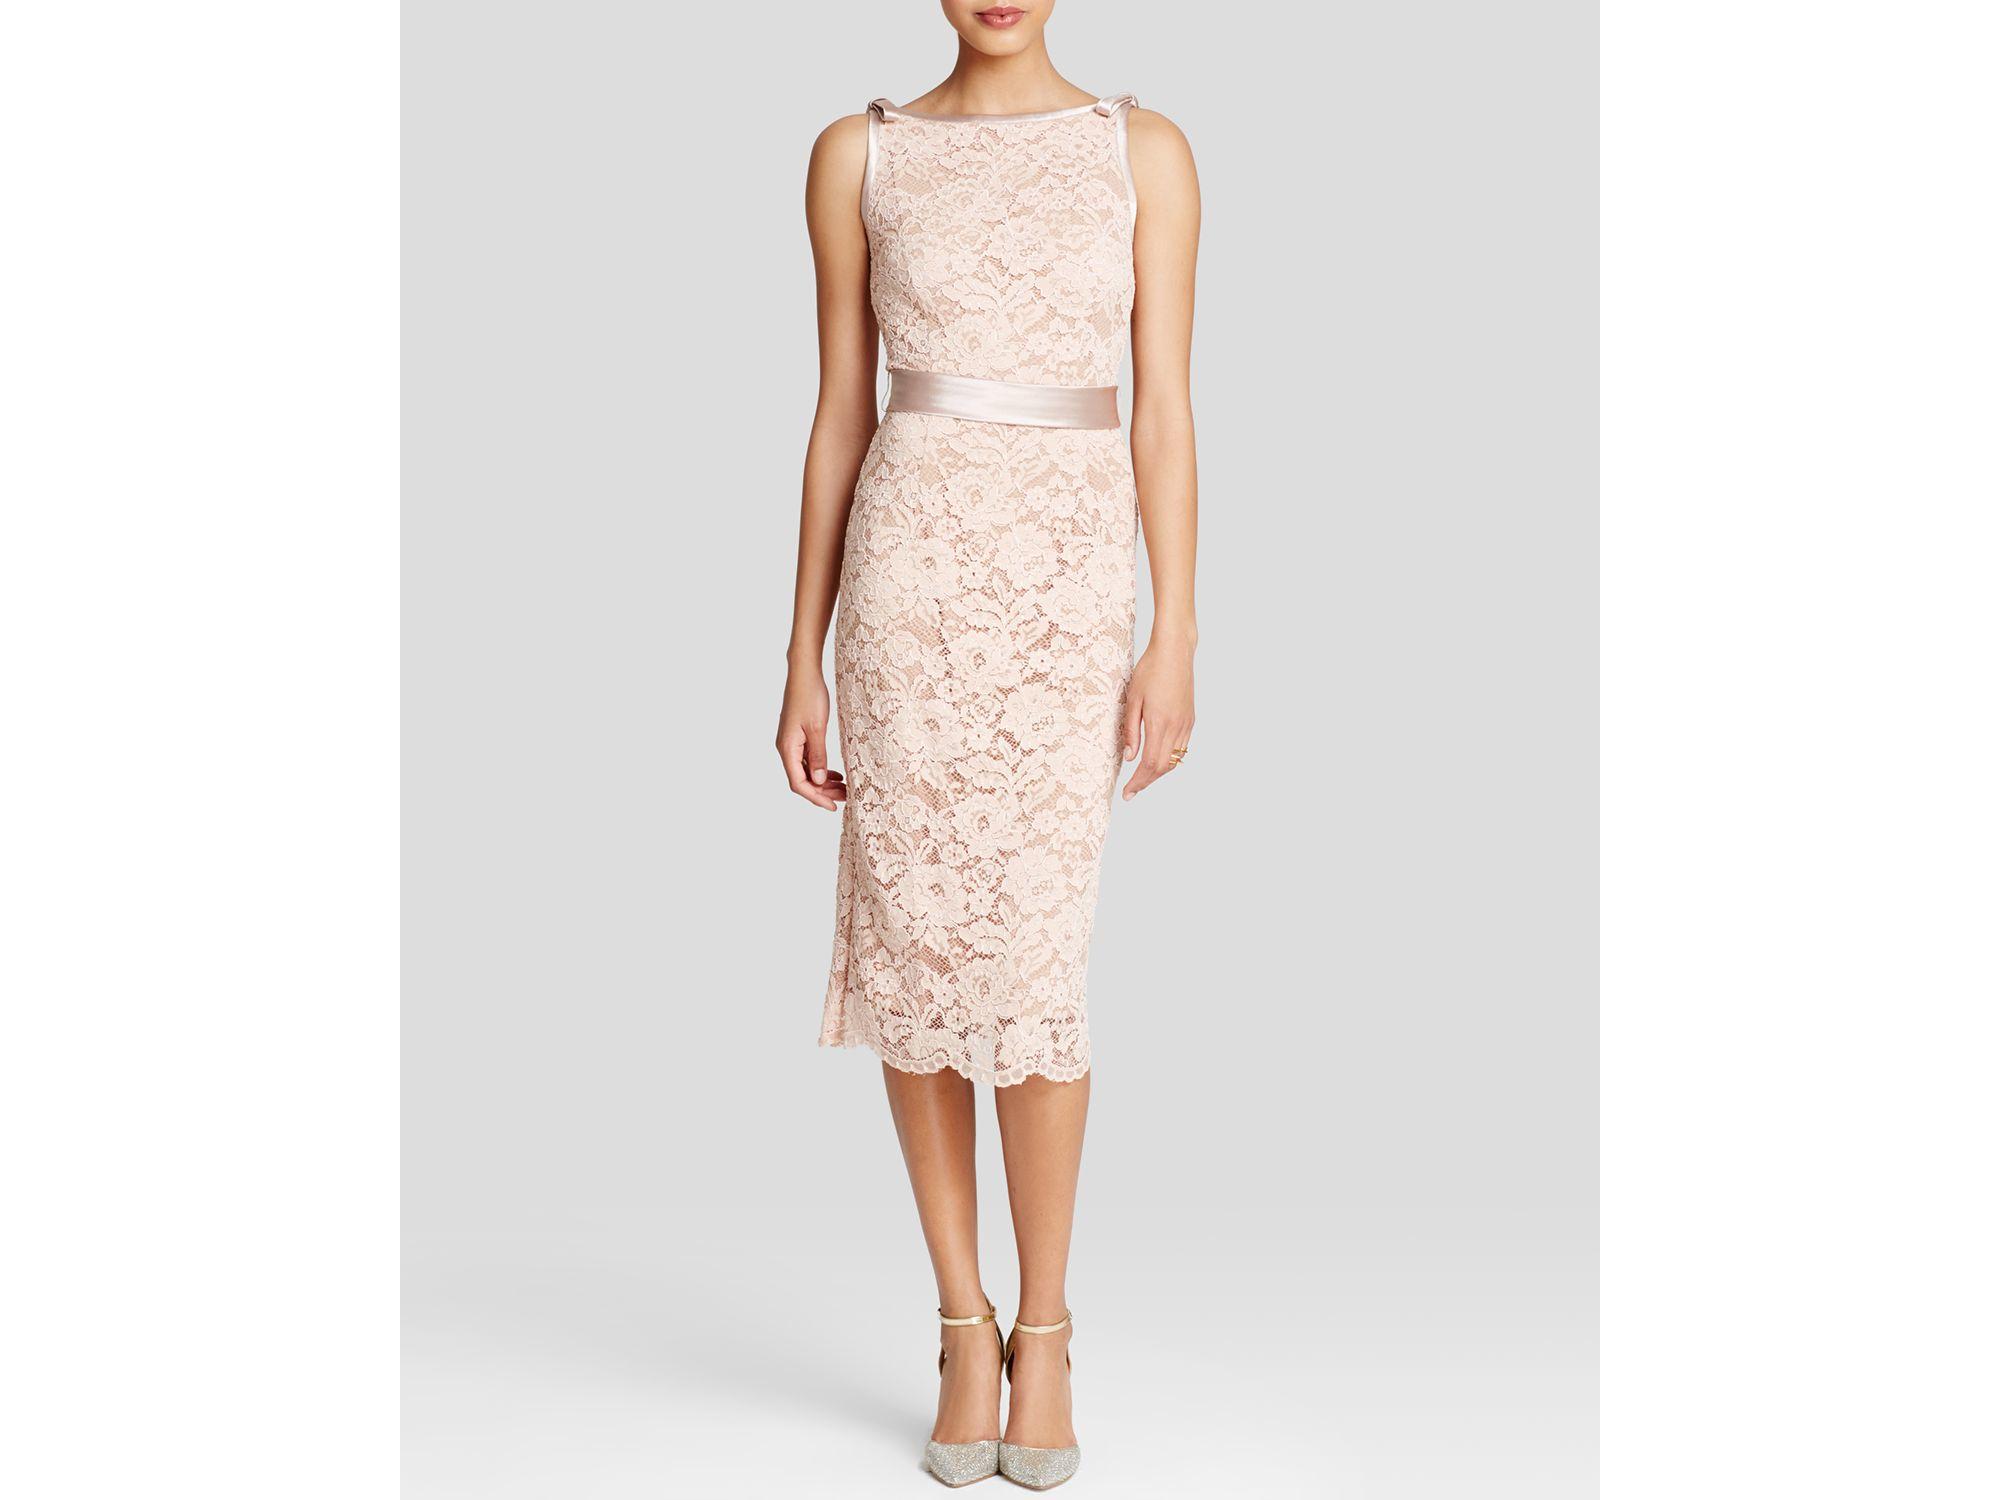 Lyst - Abs By Allen Schwartz Dress - Sleeveless Lace Sheath Midi in Pink